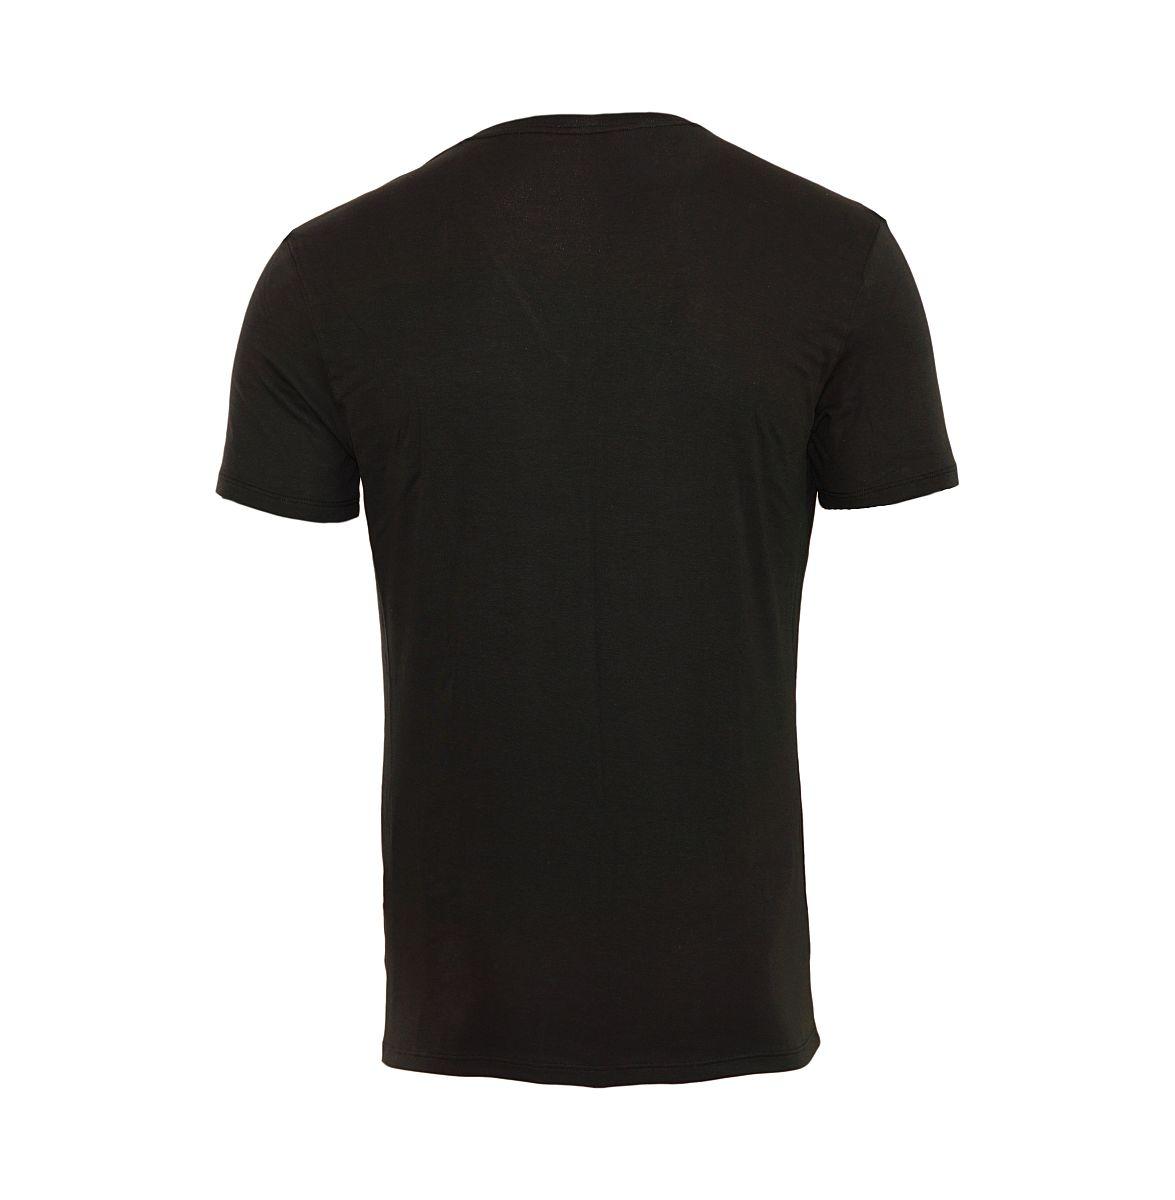 Calvin Klein T-Shirt Tee-Shirts CK16 U8321A V-Ausschnitt schwarz